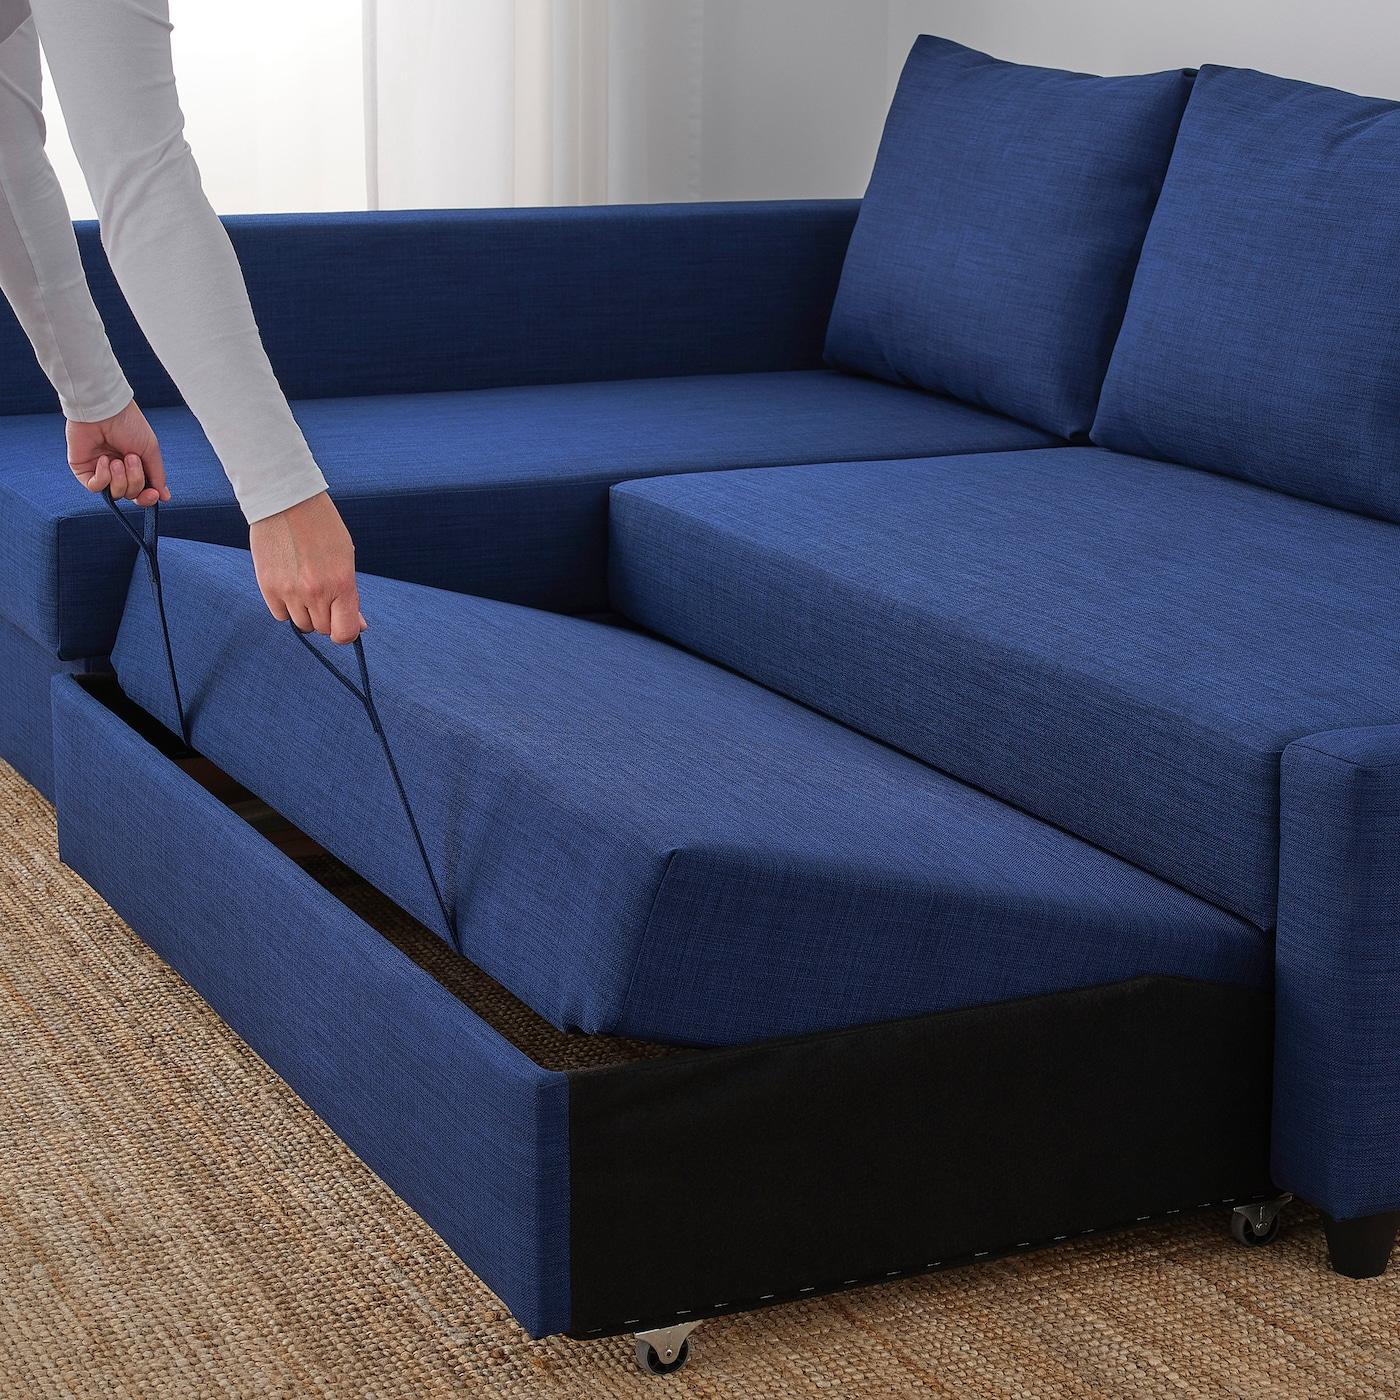 Friheten Hoekslaapbank Skiftebo Donkergrijs Ikea.Friheten Hoekslaapbank Met Opberger Skiftebo Blauw Ikea